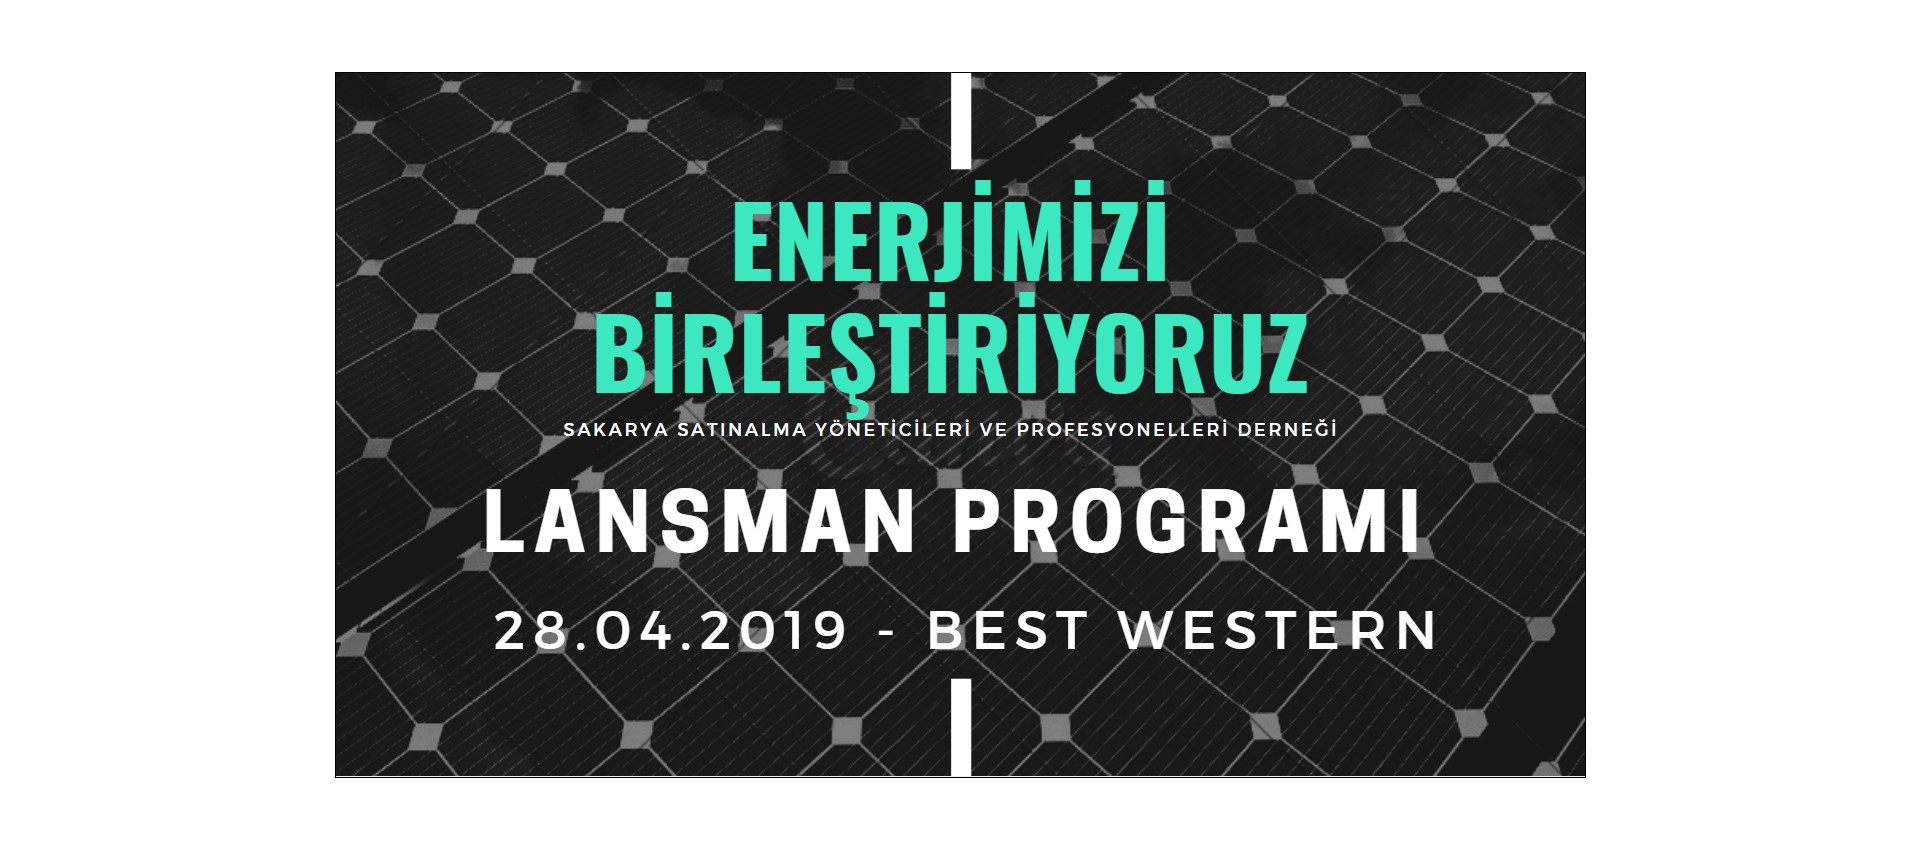 SASAYDER Lansman Programı